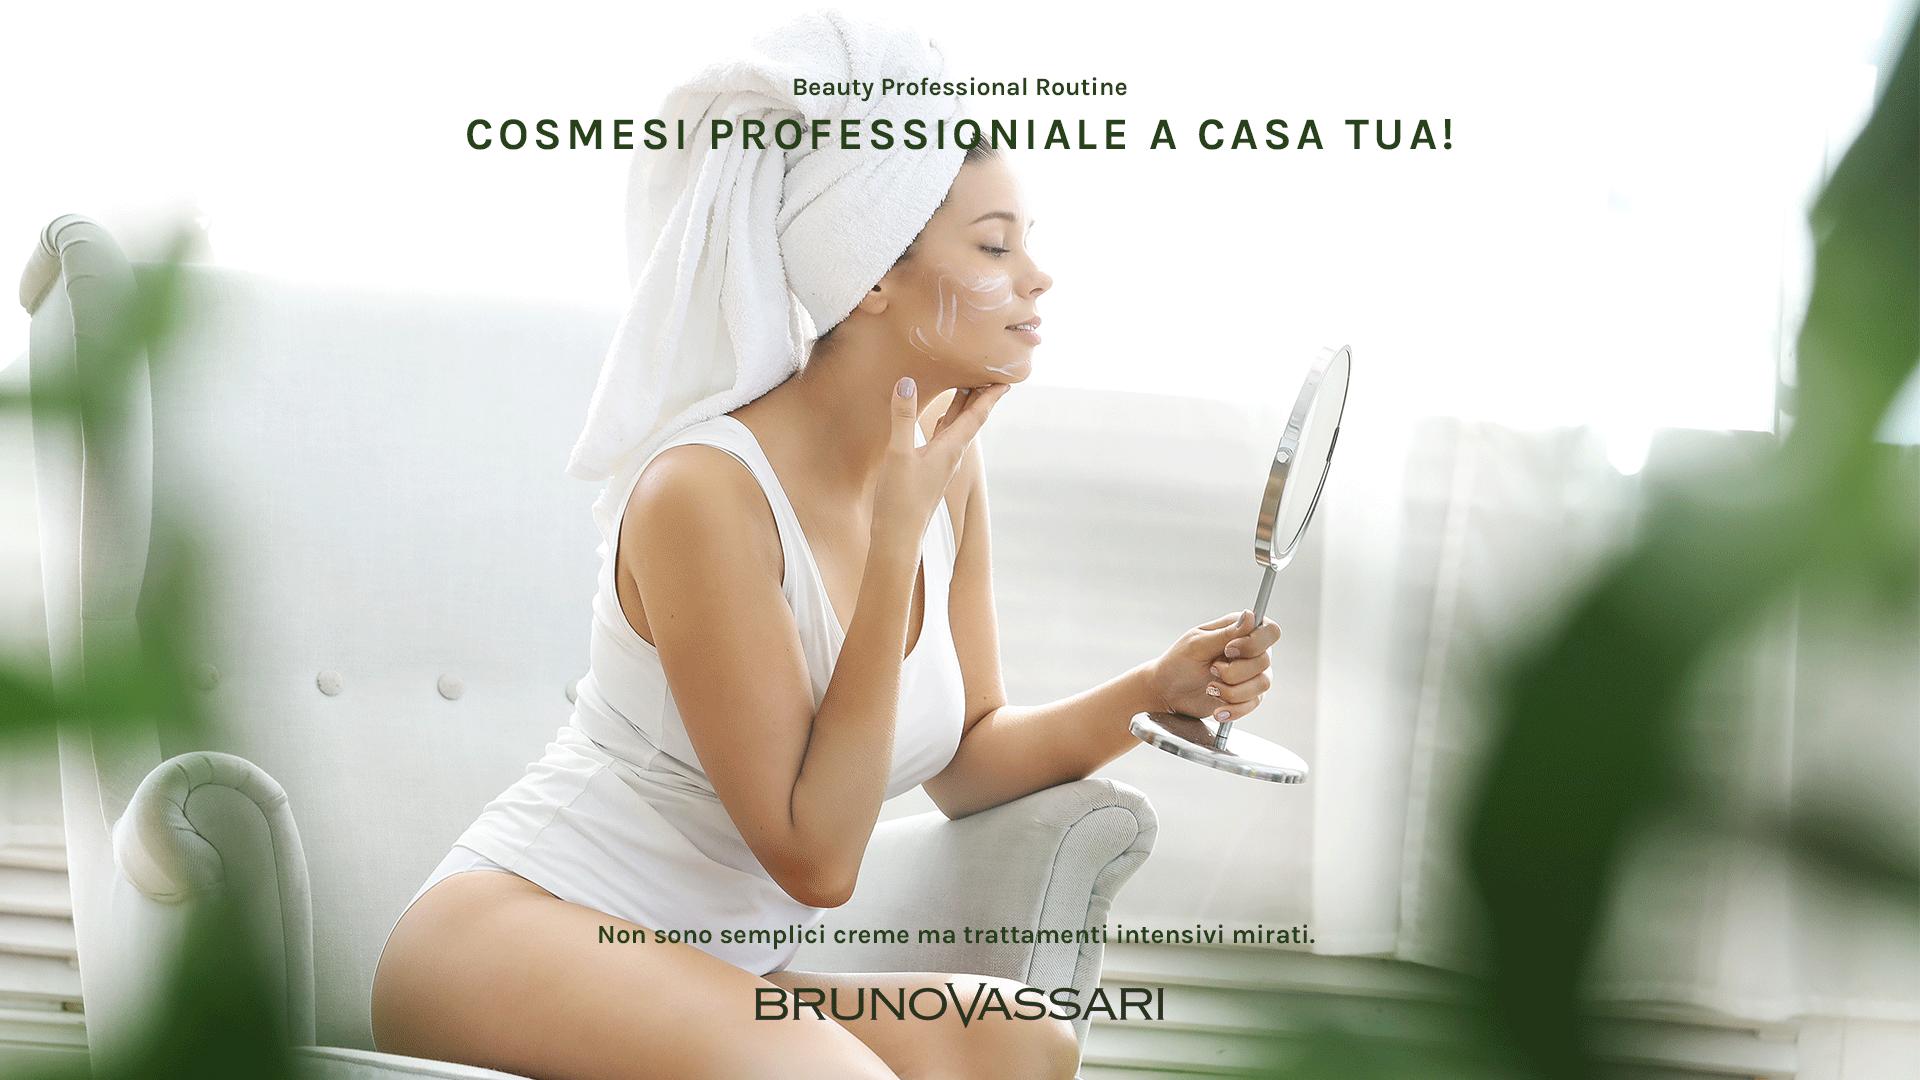 Limited Edition Bruno Vassari